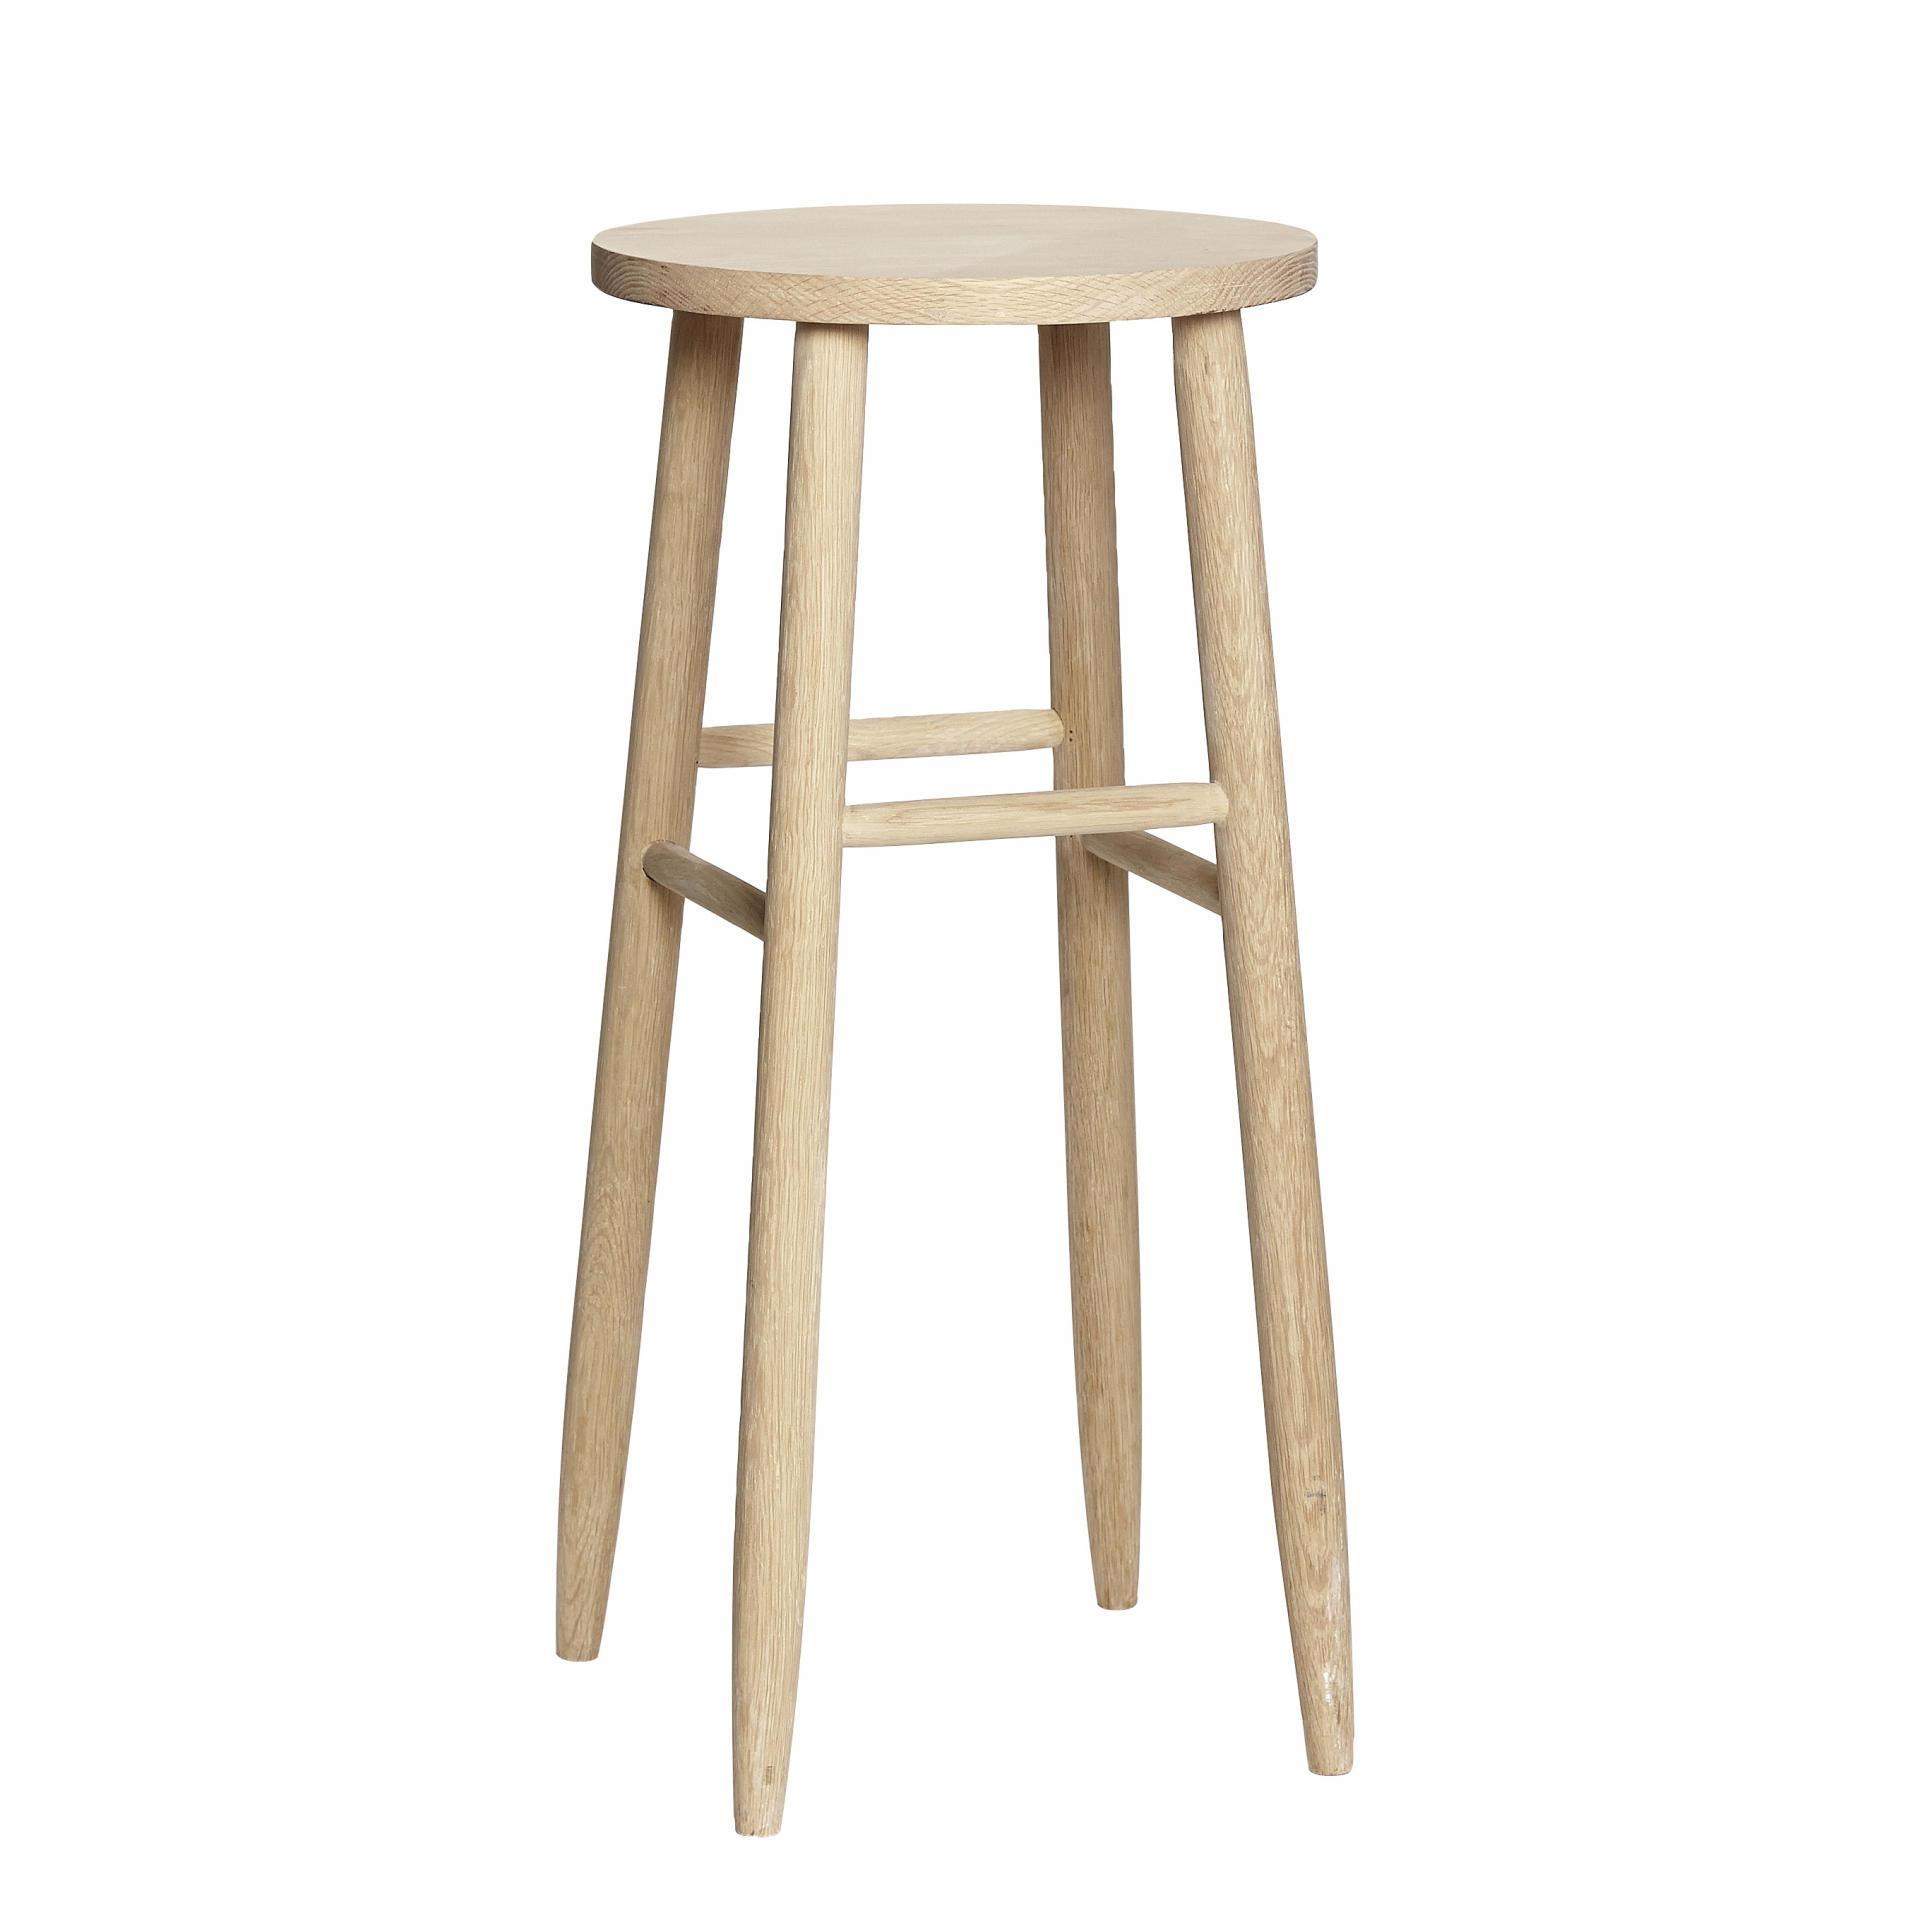 Hübsch Dubová barová stolička Nature